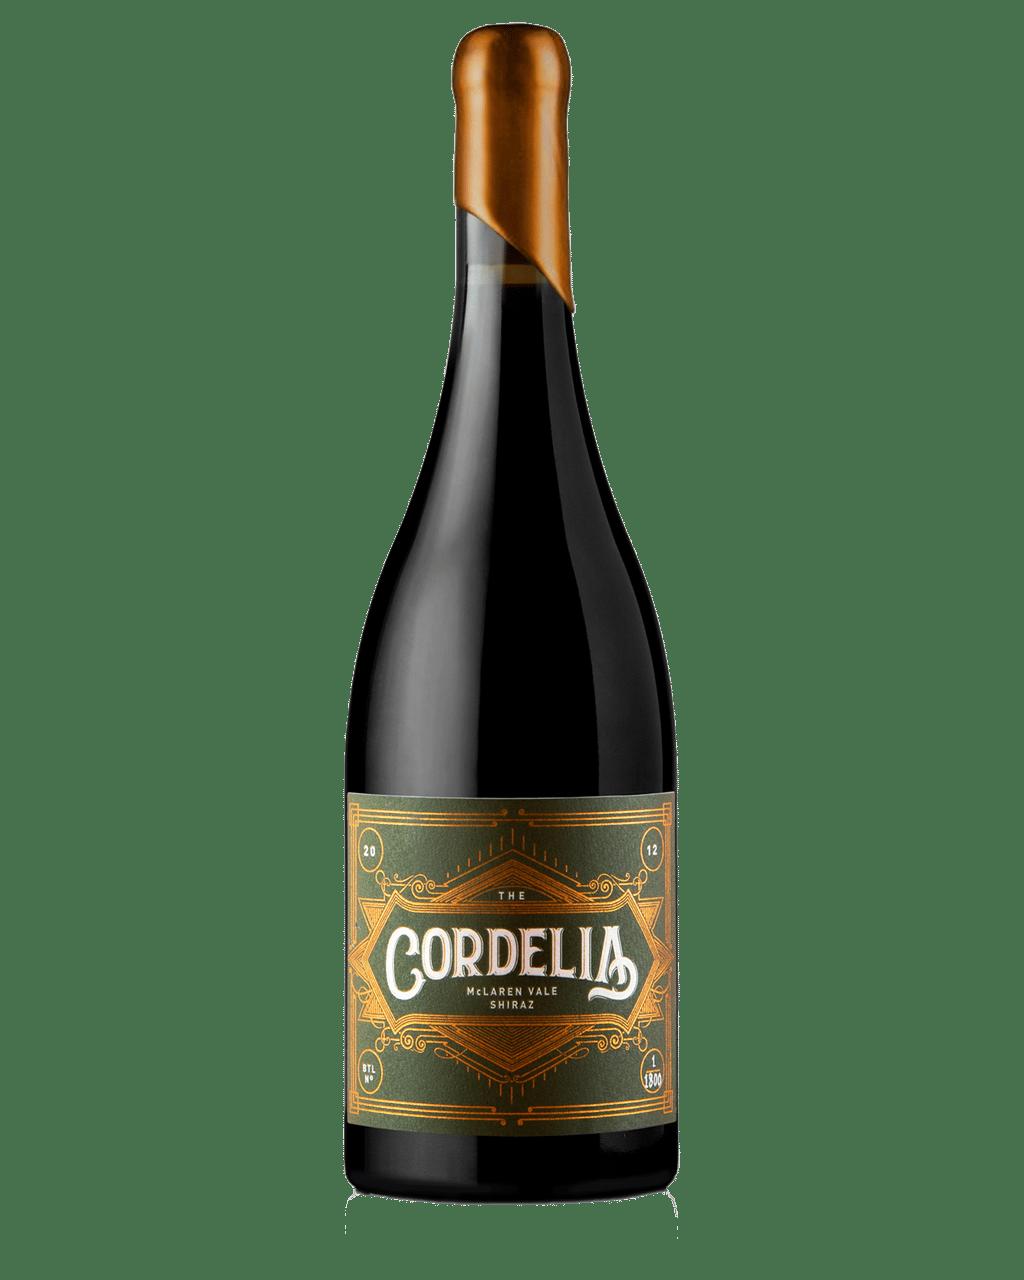 cordelia mclaren vale shiraz 2012 | dan murphy's | buy wine